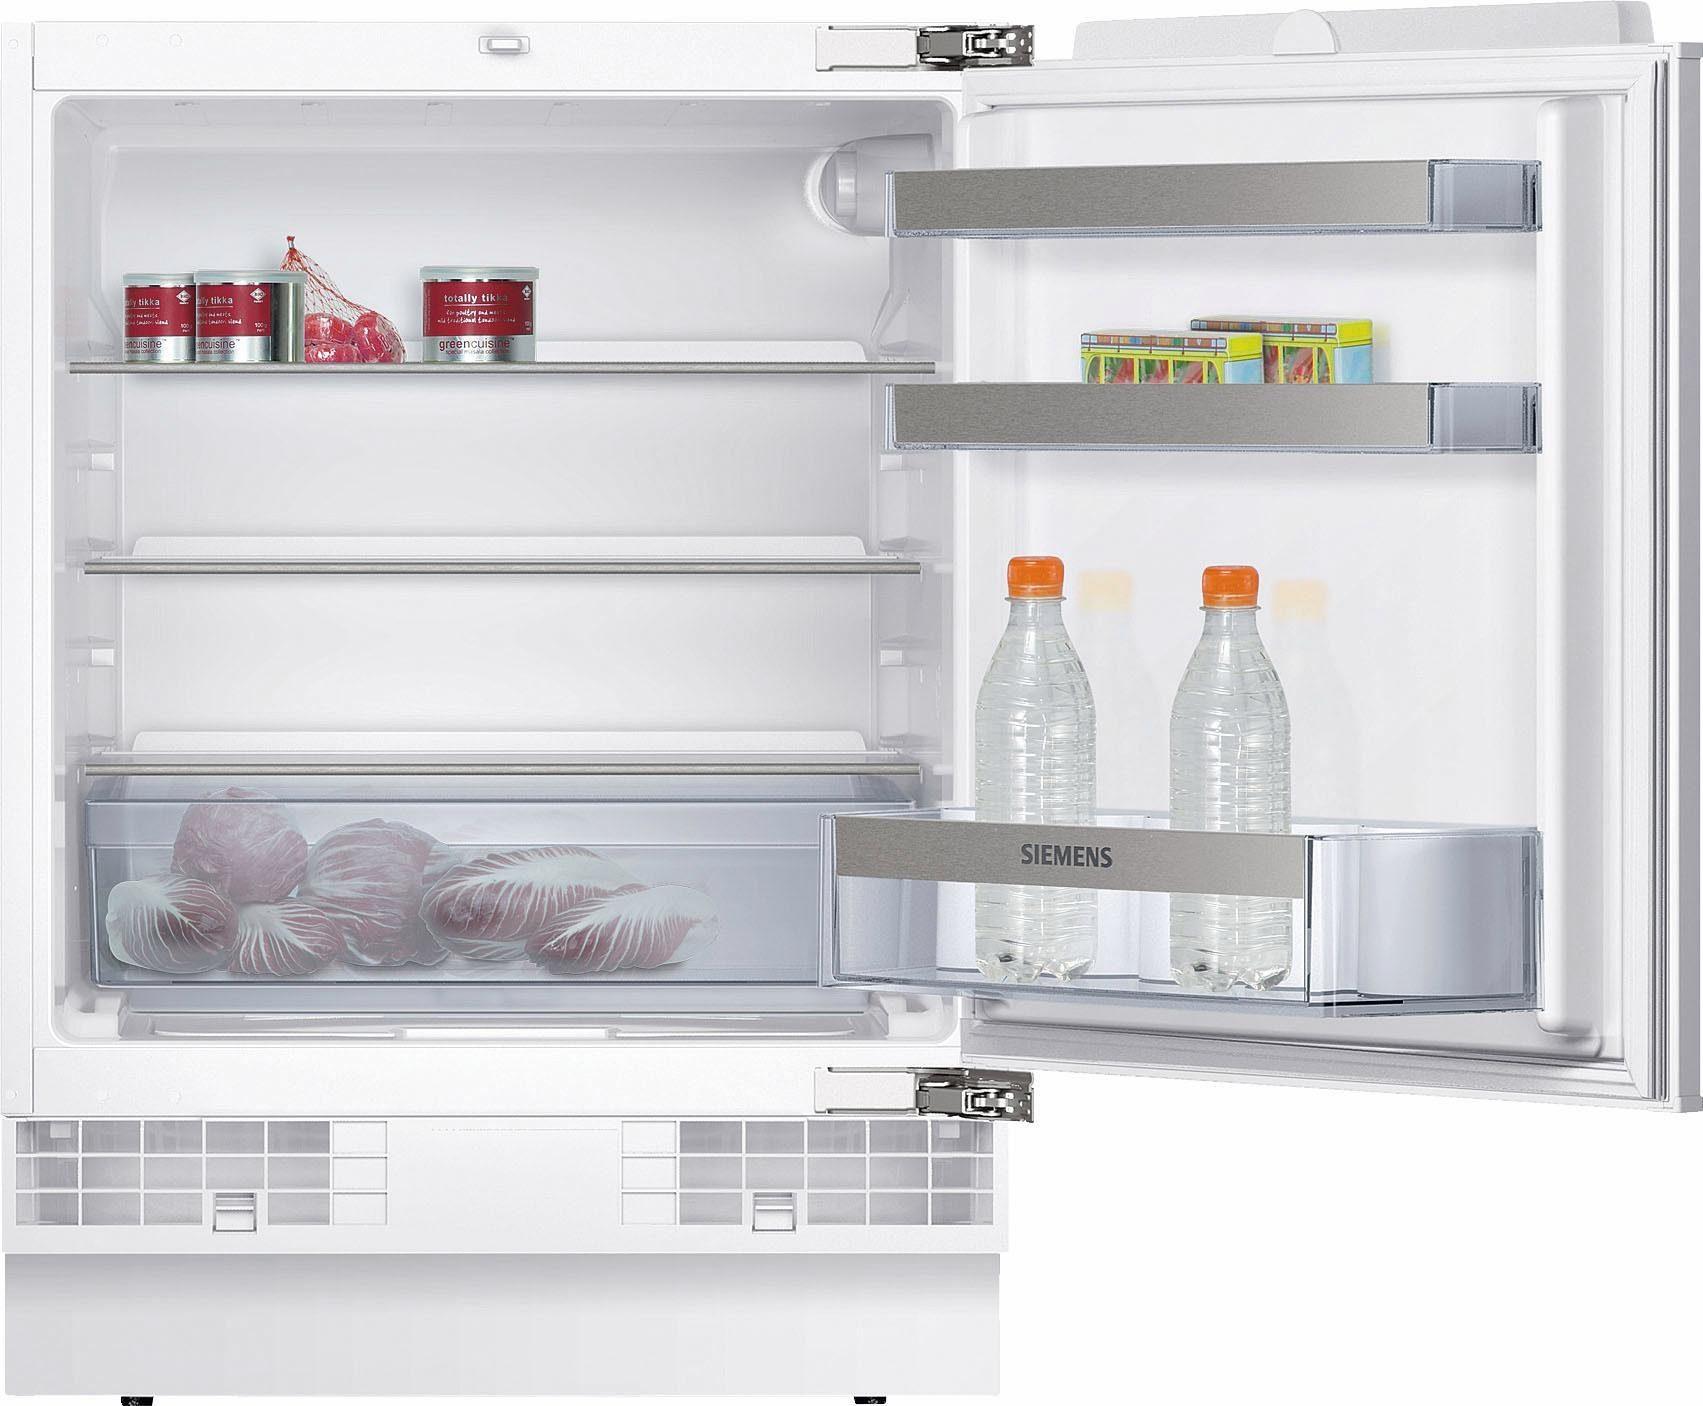 SIEMENS Einbaukühlschrank KU15RSX60, 82,0 cm hoch, 59,8 cm breit, A++, 82 cm hoch, integrierbar